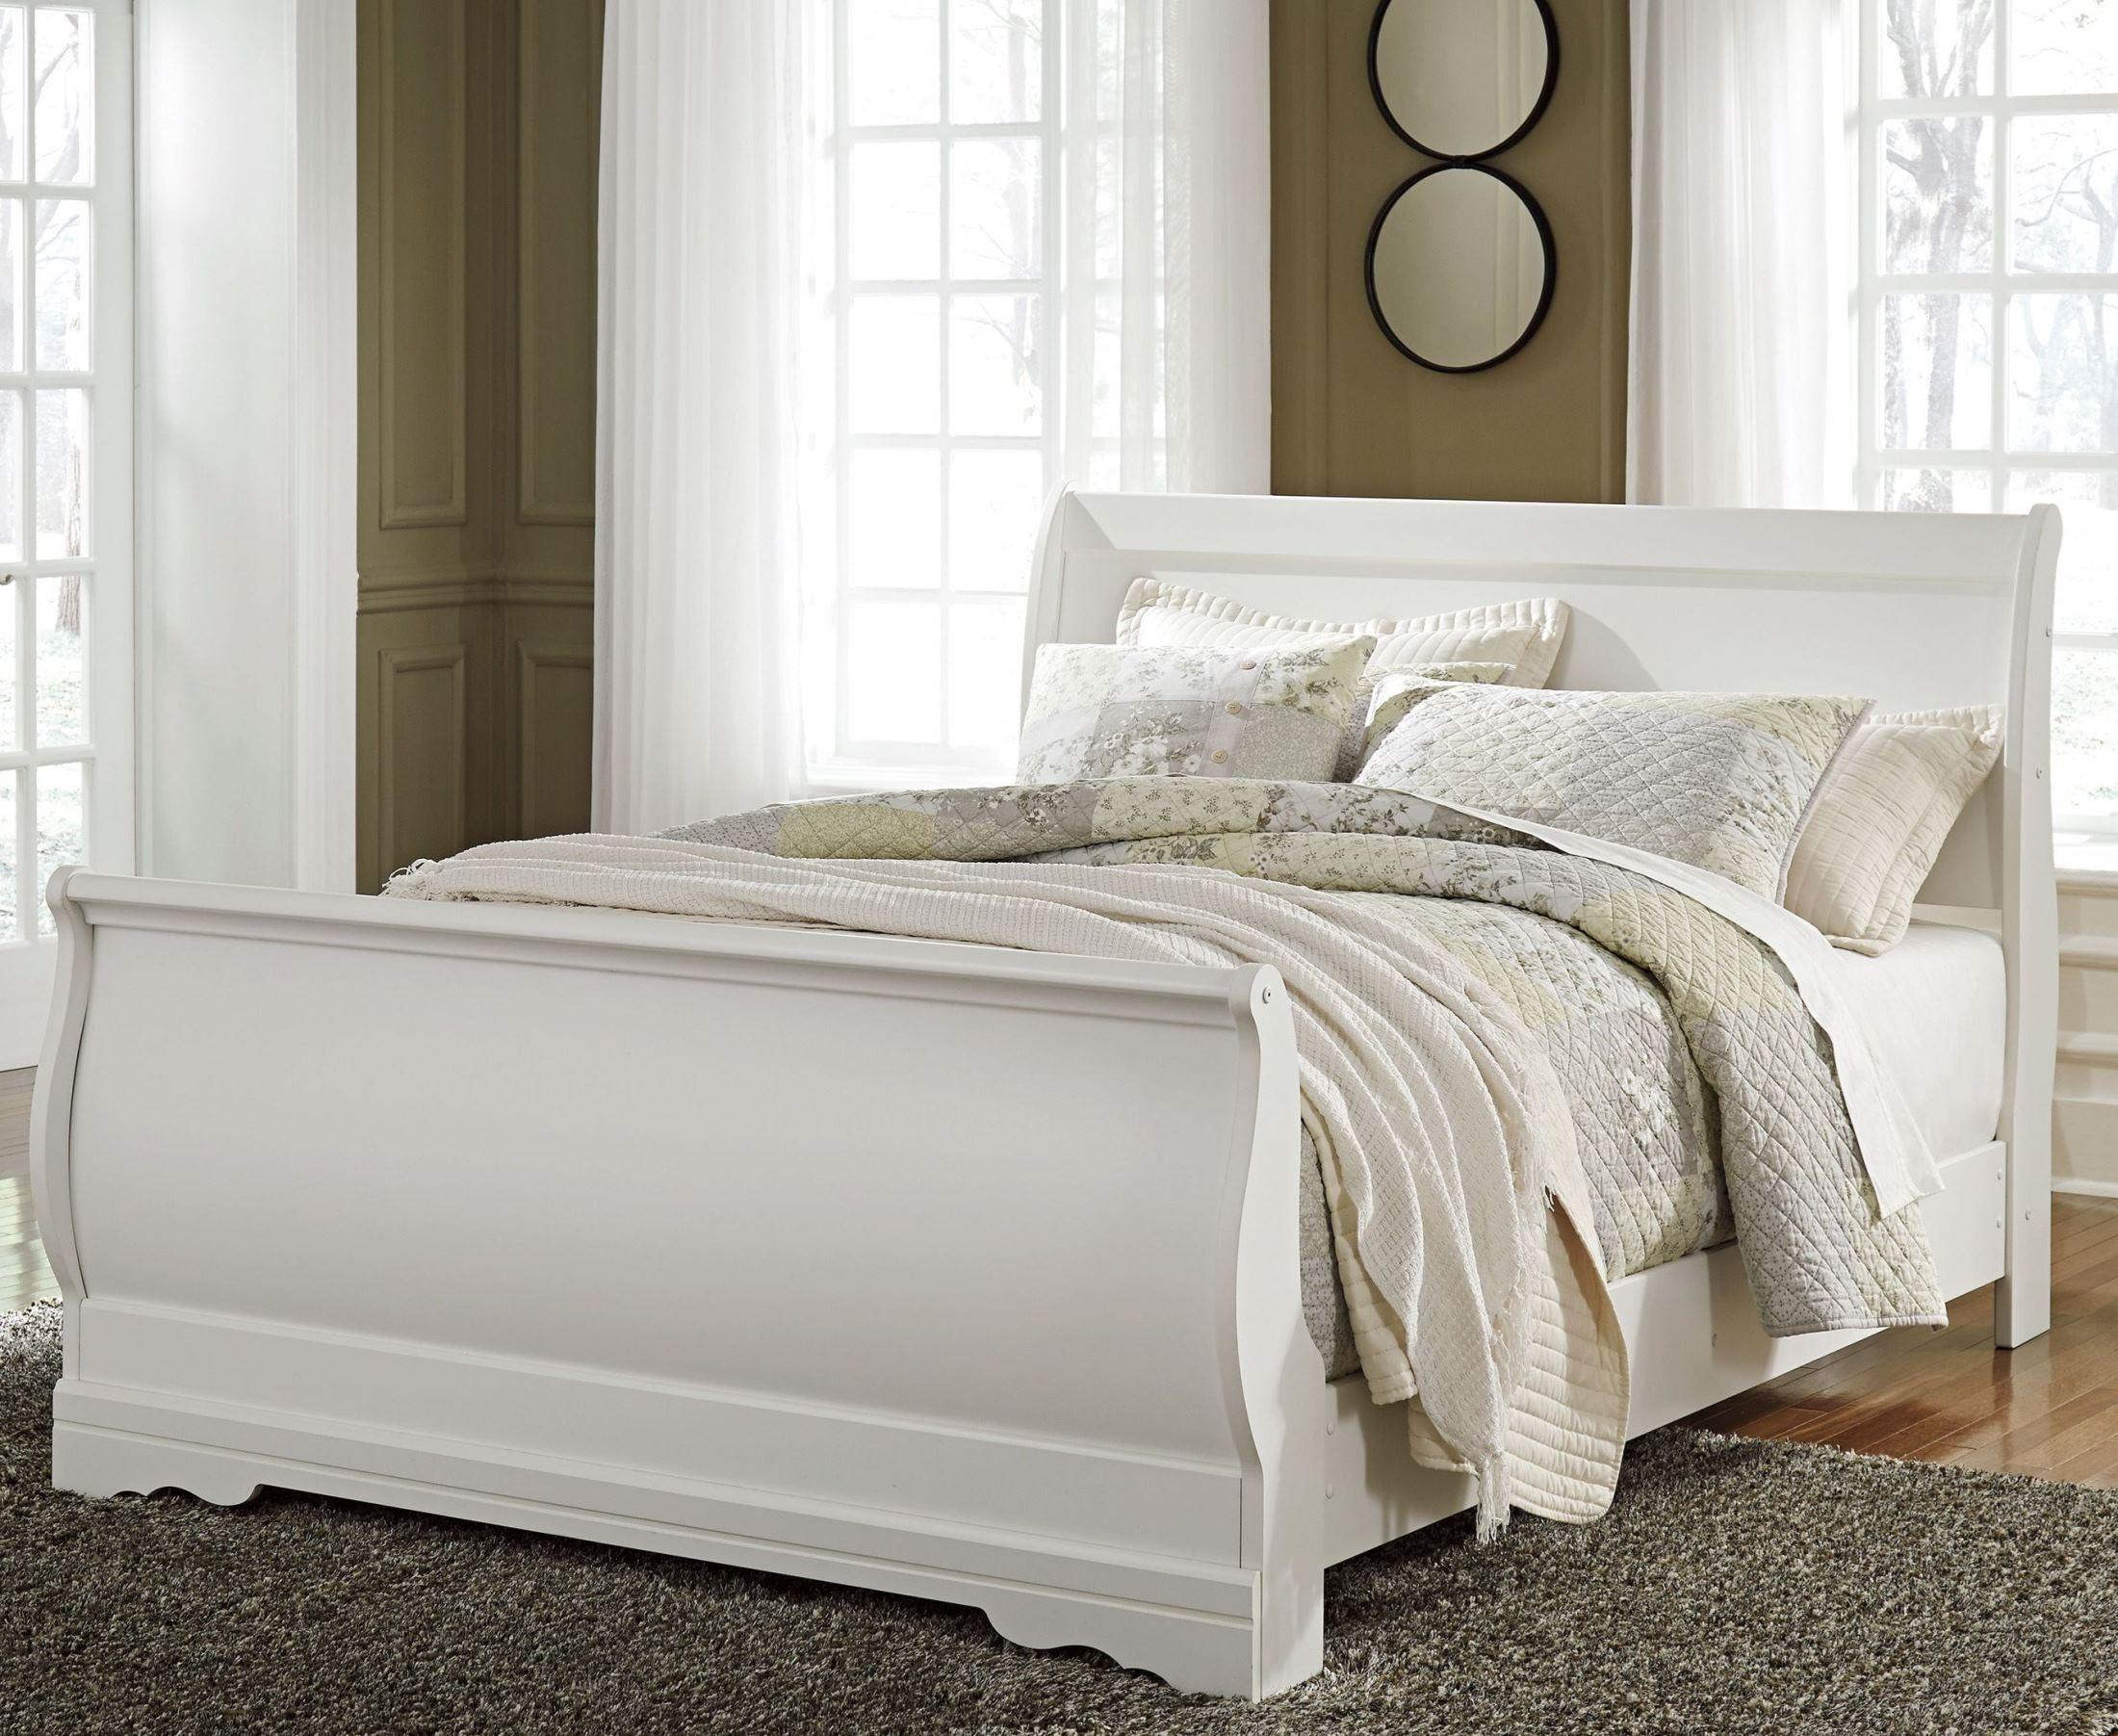 Anarasia White Twin Sleigh Bed B129 63 62 82 Ashley